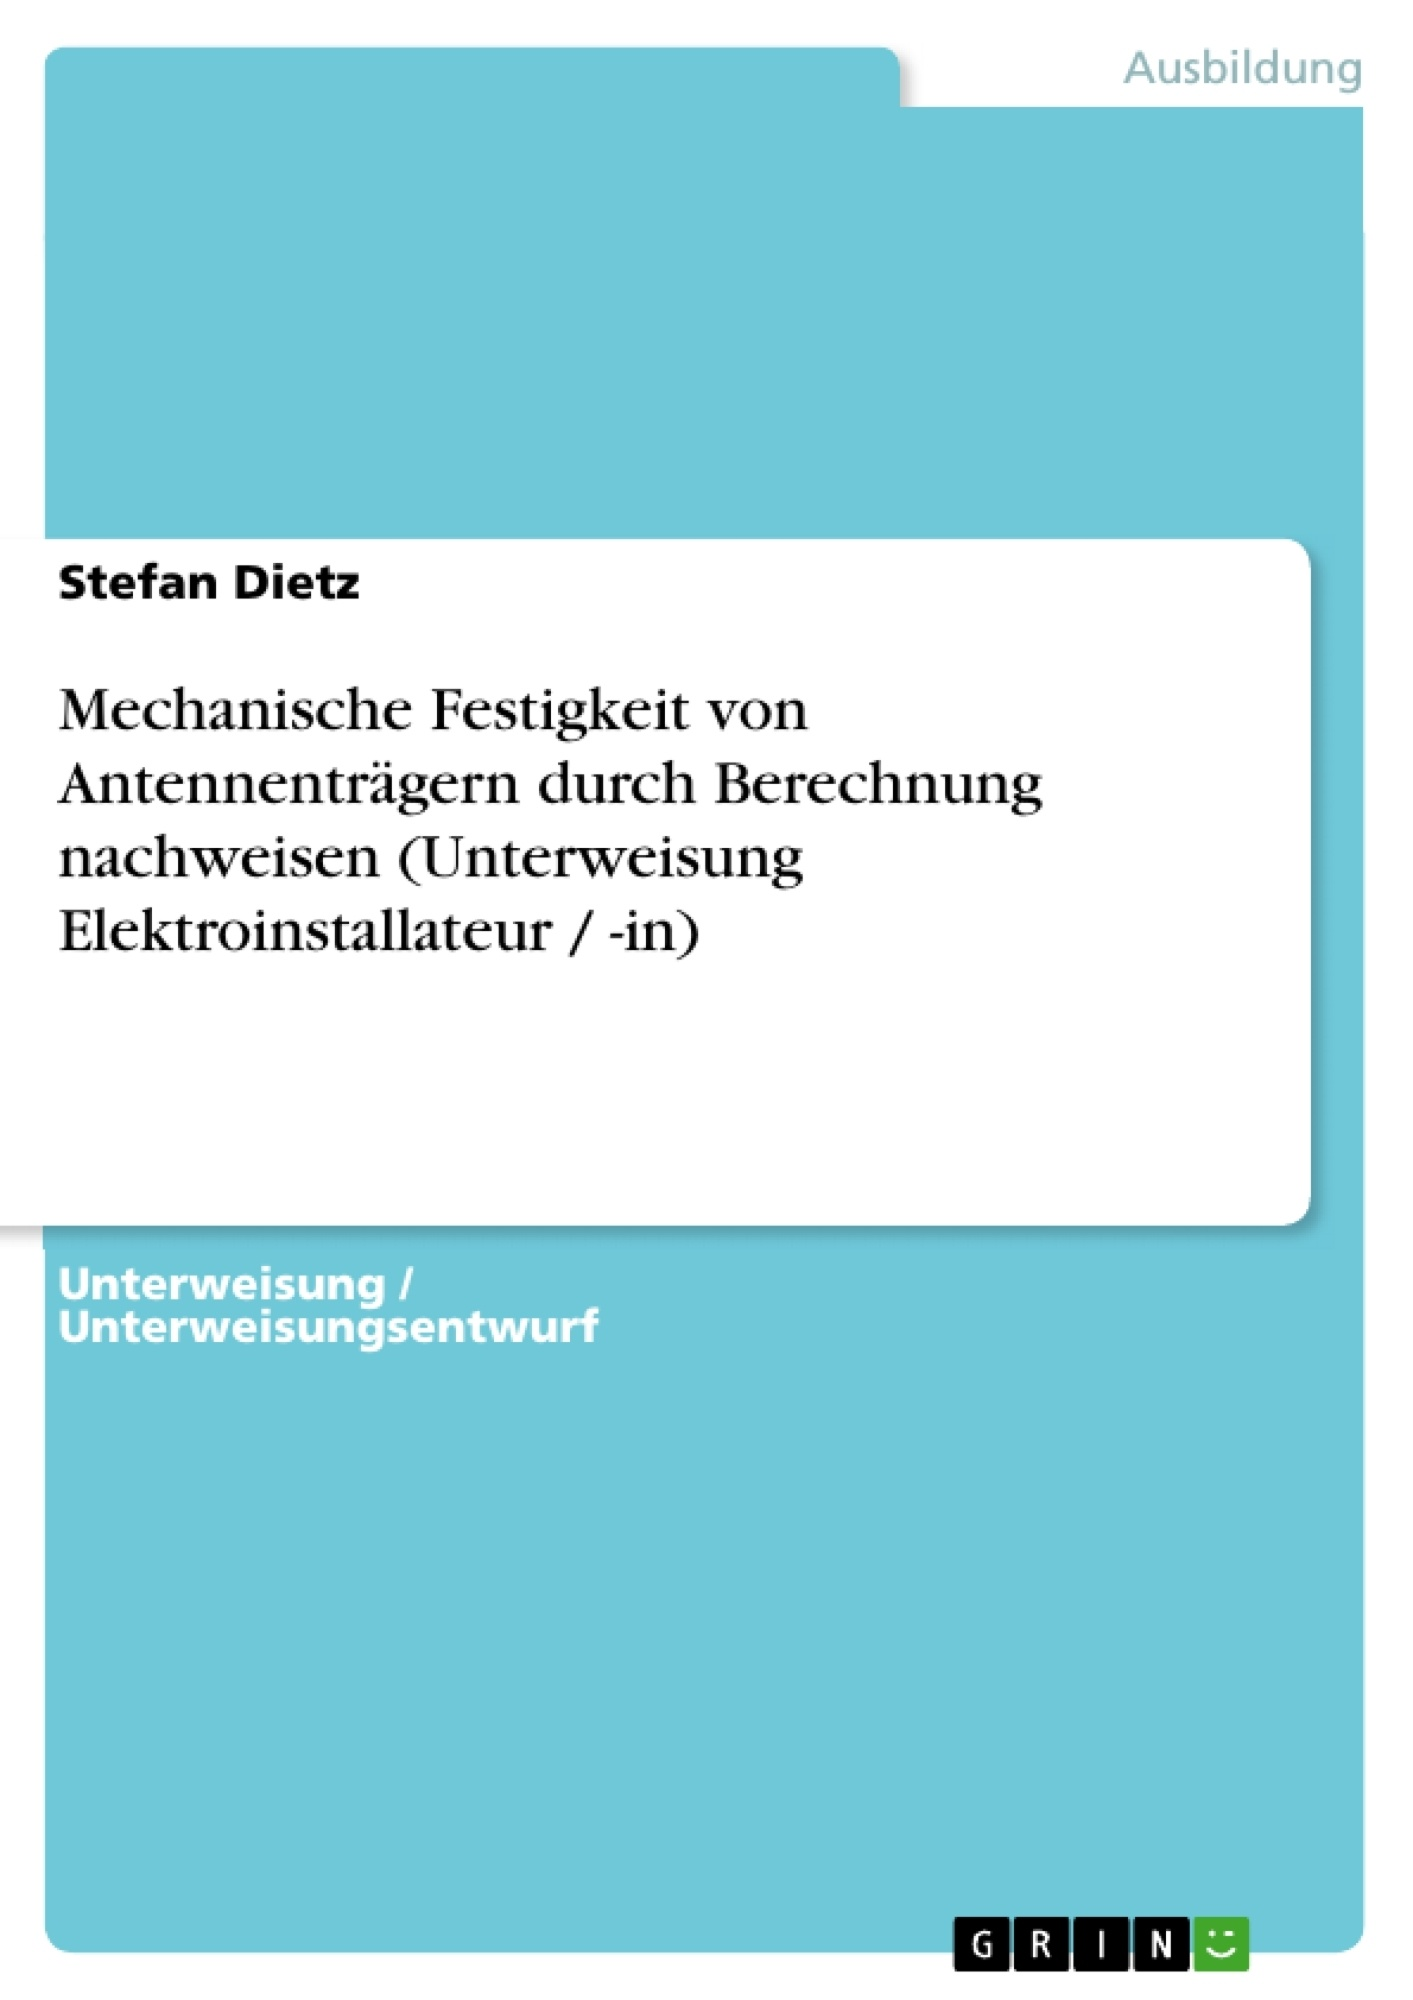 Titel: Mechanische Festigkeit von Antennenträgern durch Berechnung nachweisen (Unterweisung Elektroinstallateur / -in)